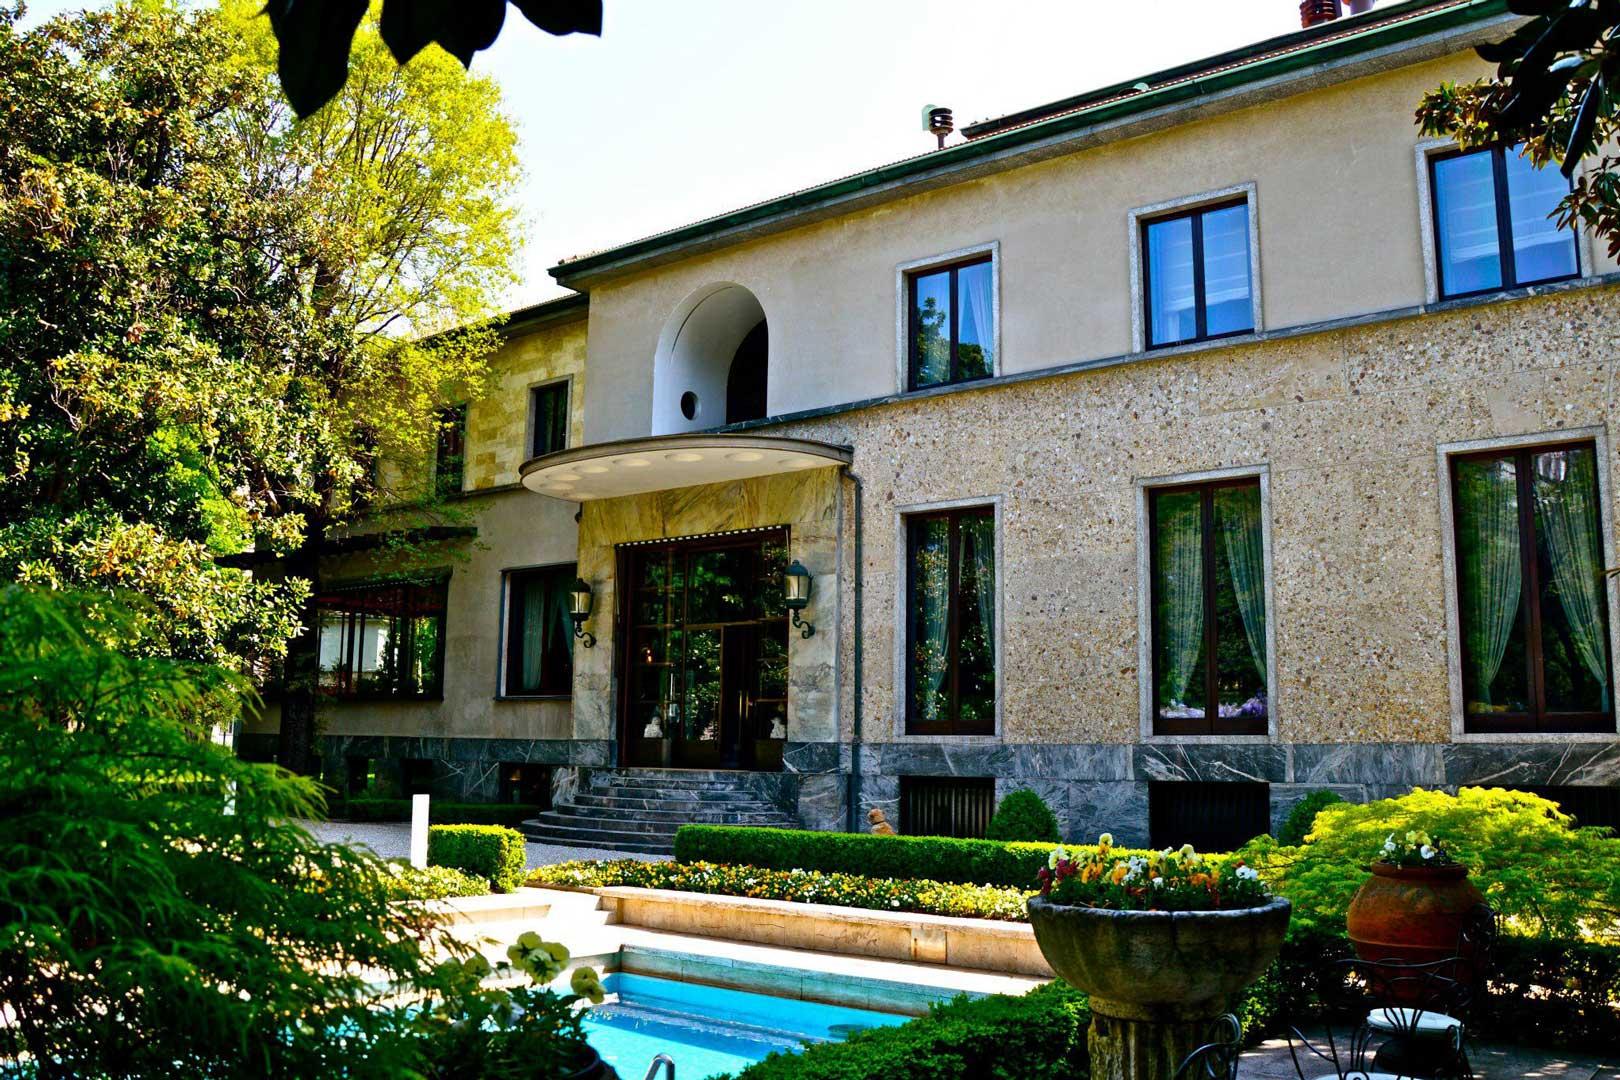 Scorcio della facciata della Villa